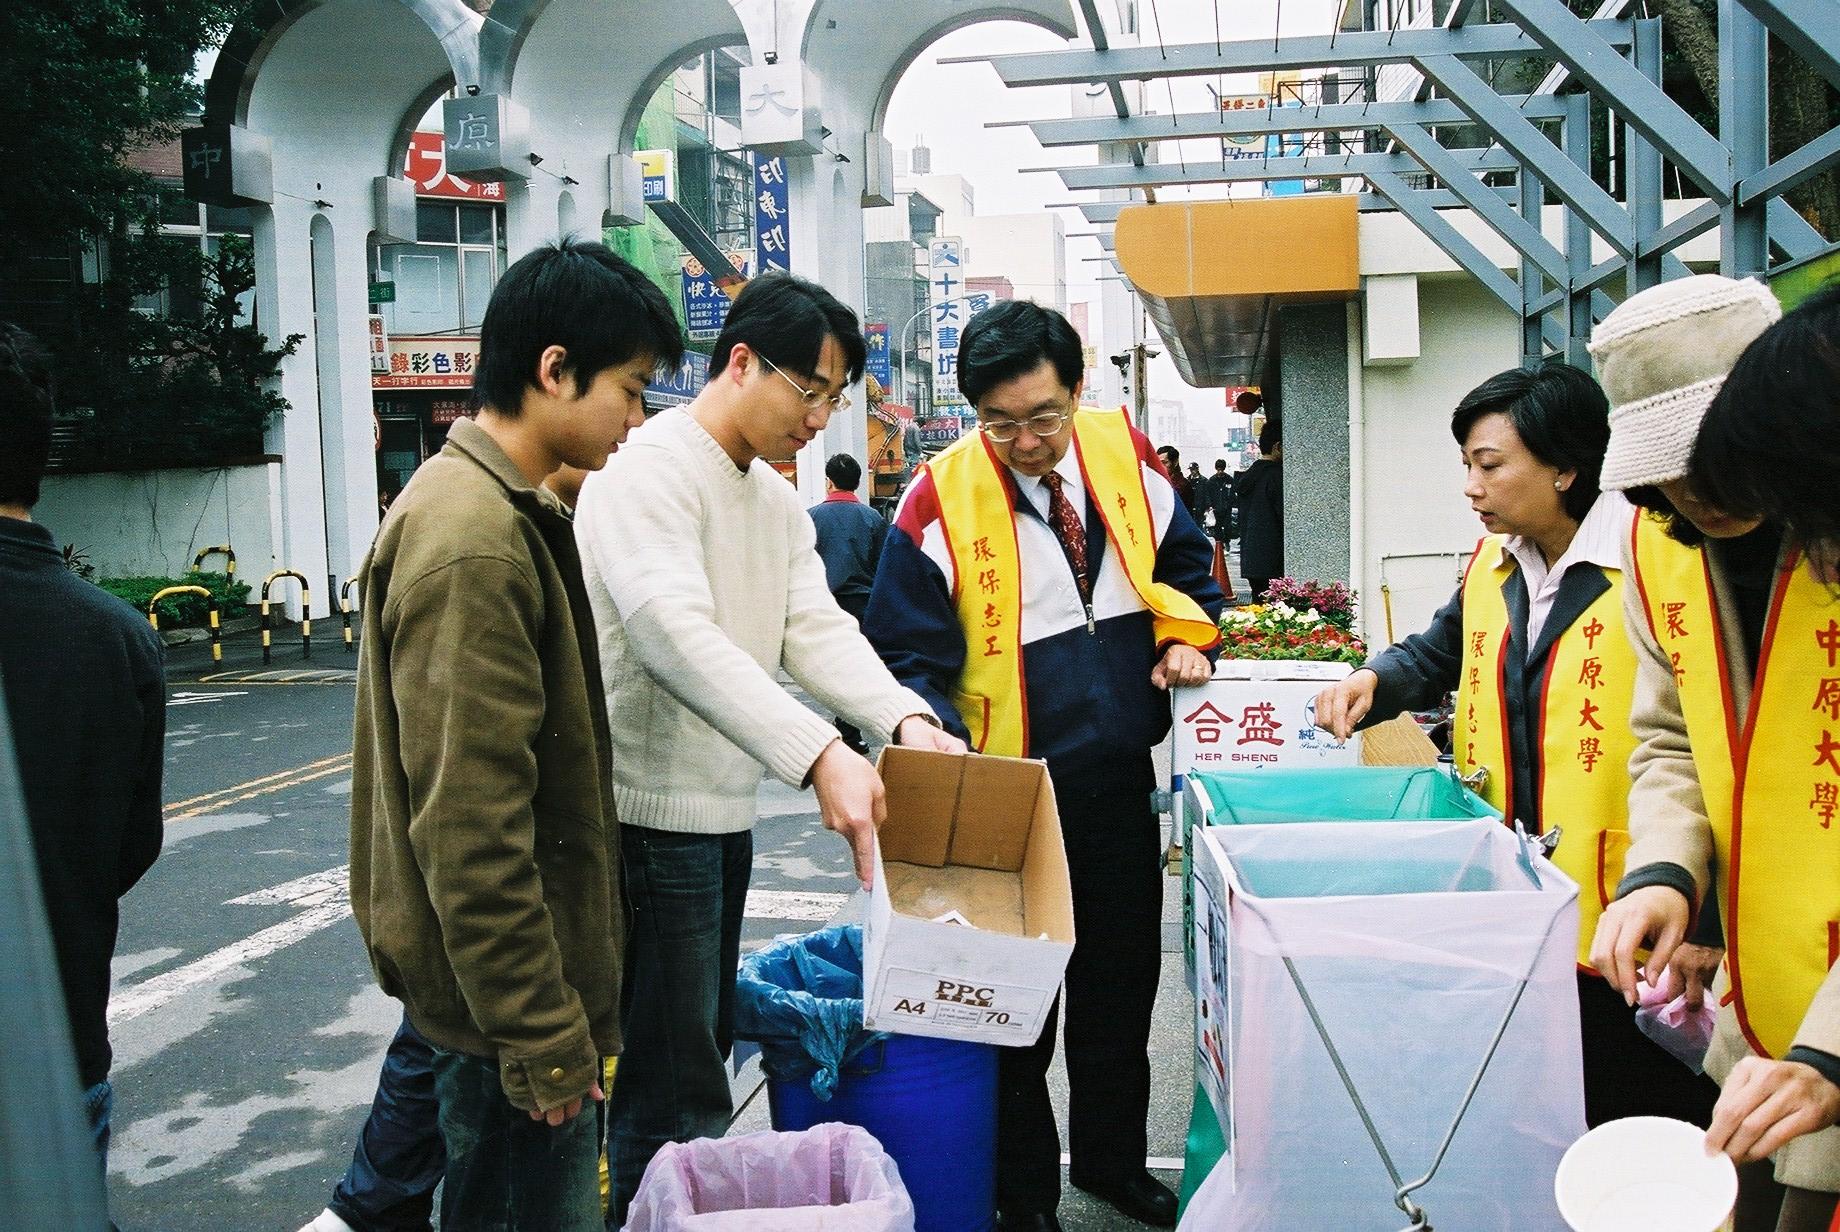 全校動員響應垃圾分類、資源回收